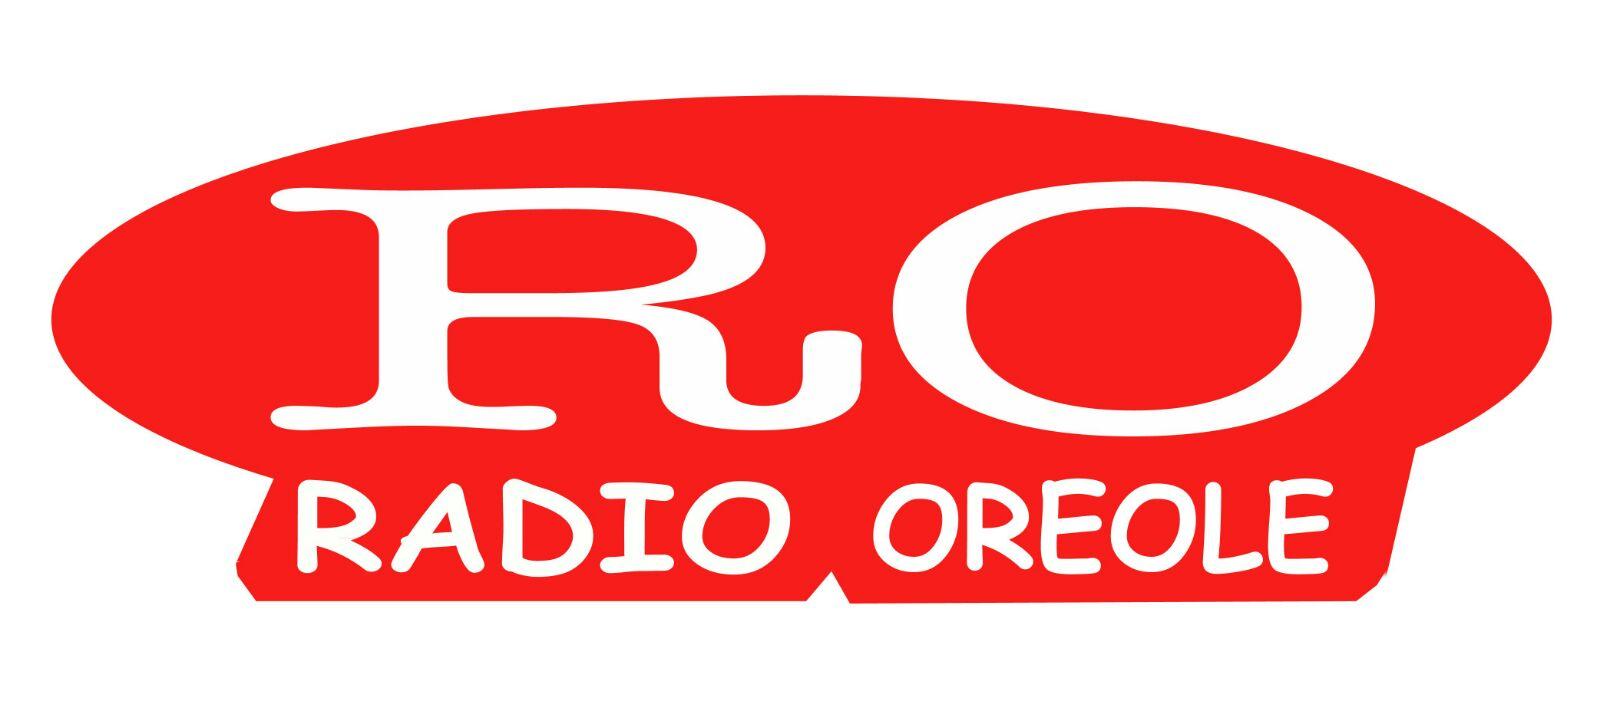 Radio Oreole | Santé et Education